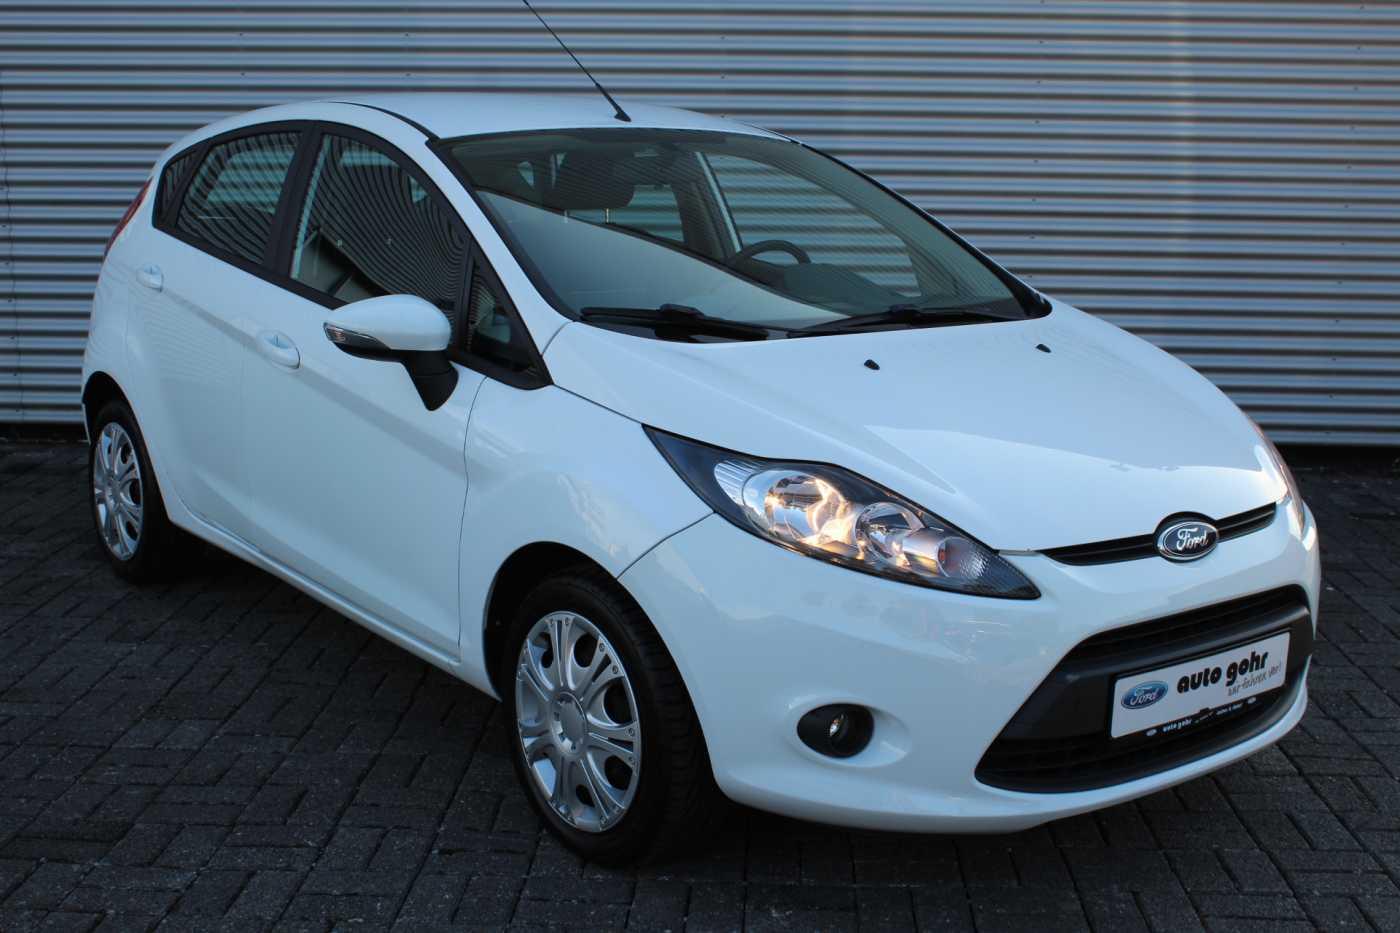 Ford Fiesta 1.25l Trend 5 Türen *KLIMA*BLUETOOTH*, Jahr 2012, petrol